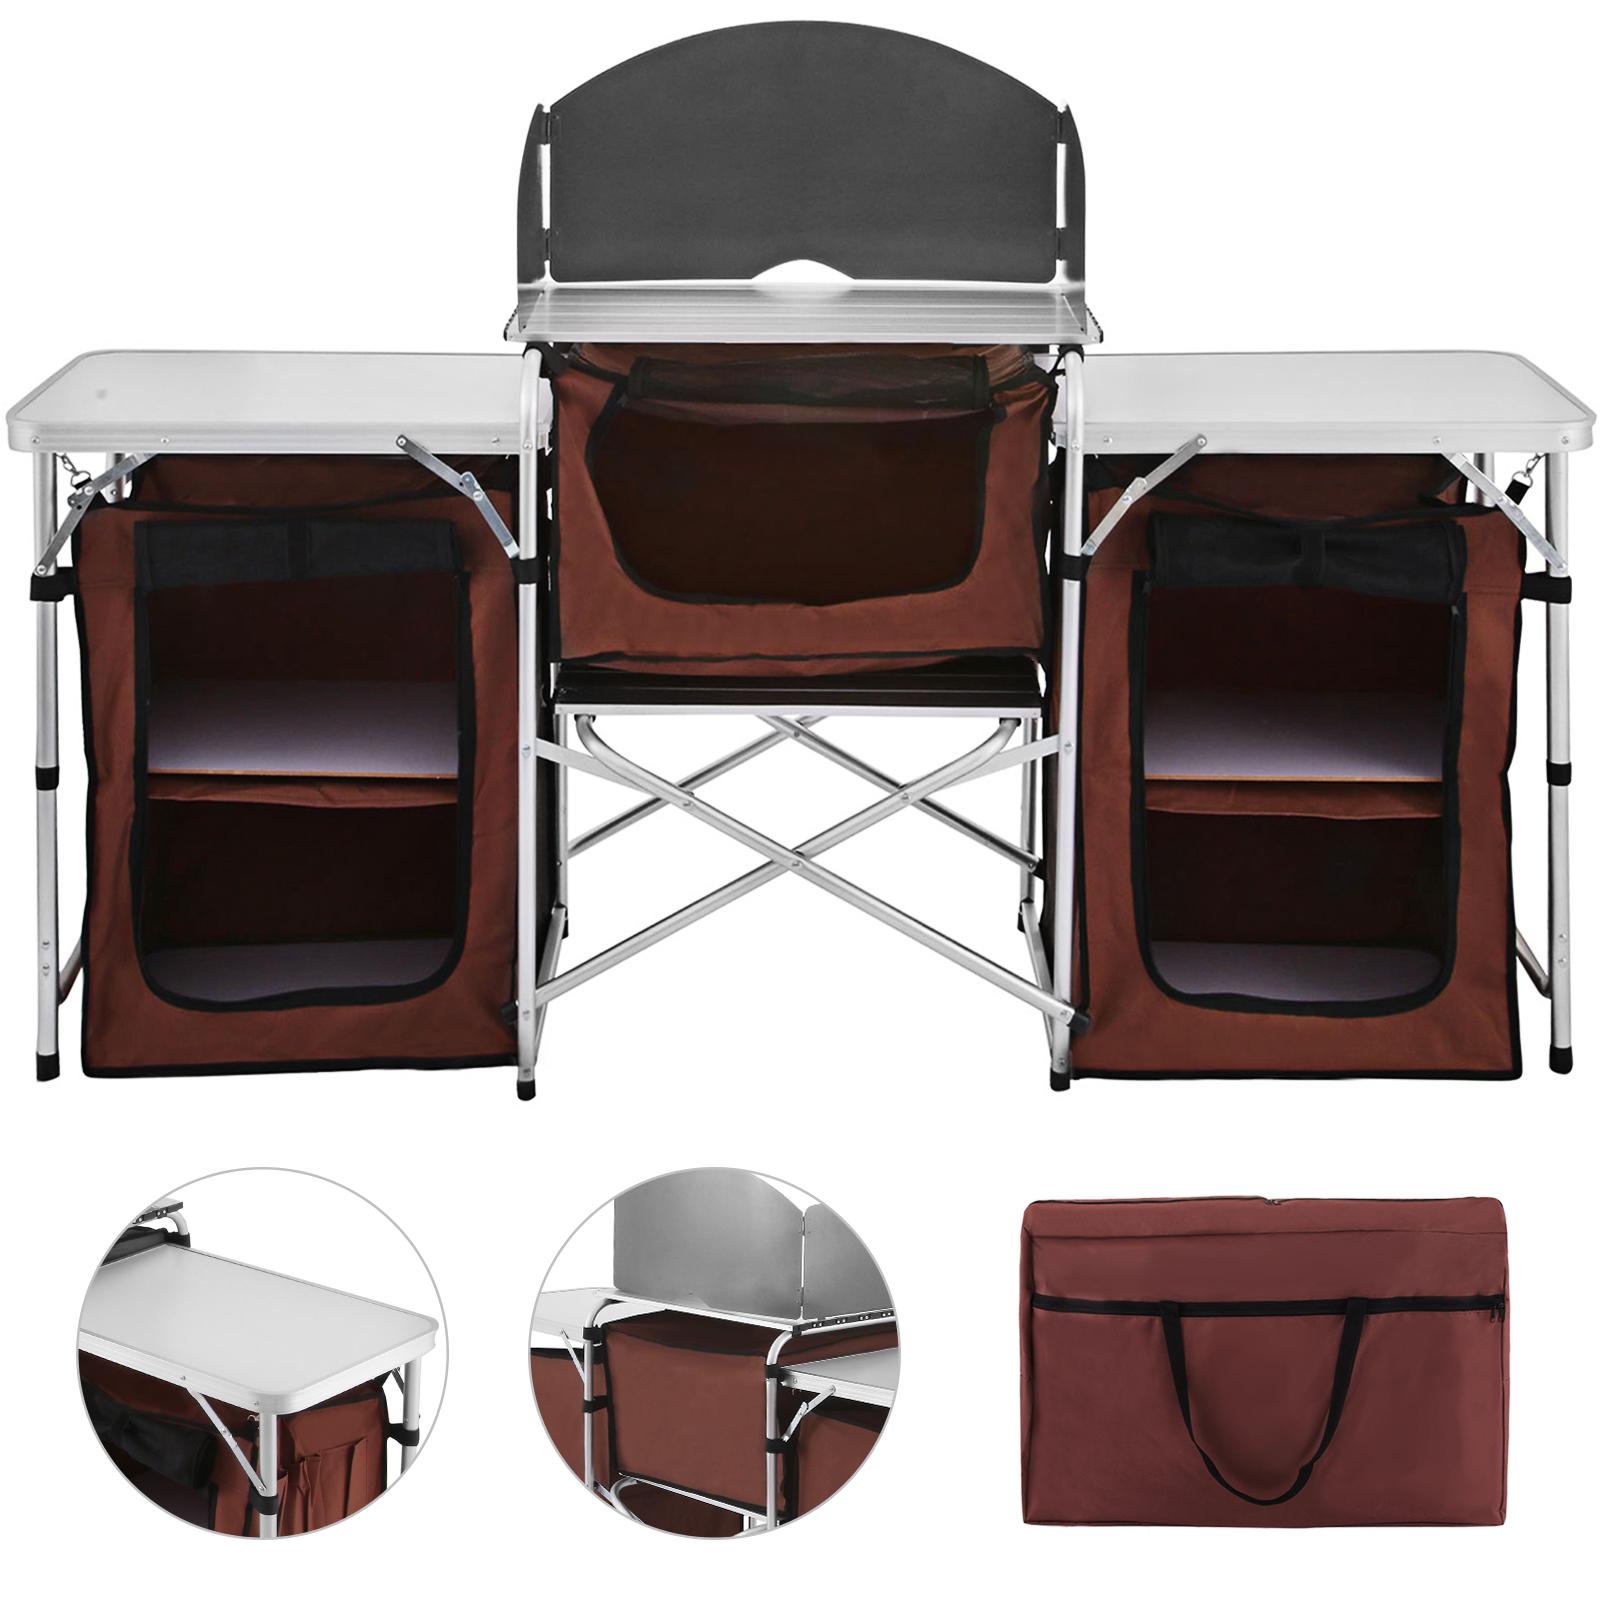 Campingküche, Camping-Küchentisch, Kocherschrank, Outwell Richmond ...